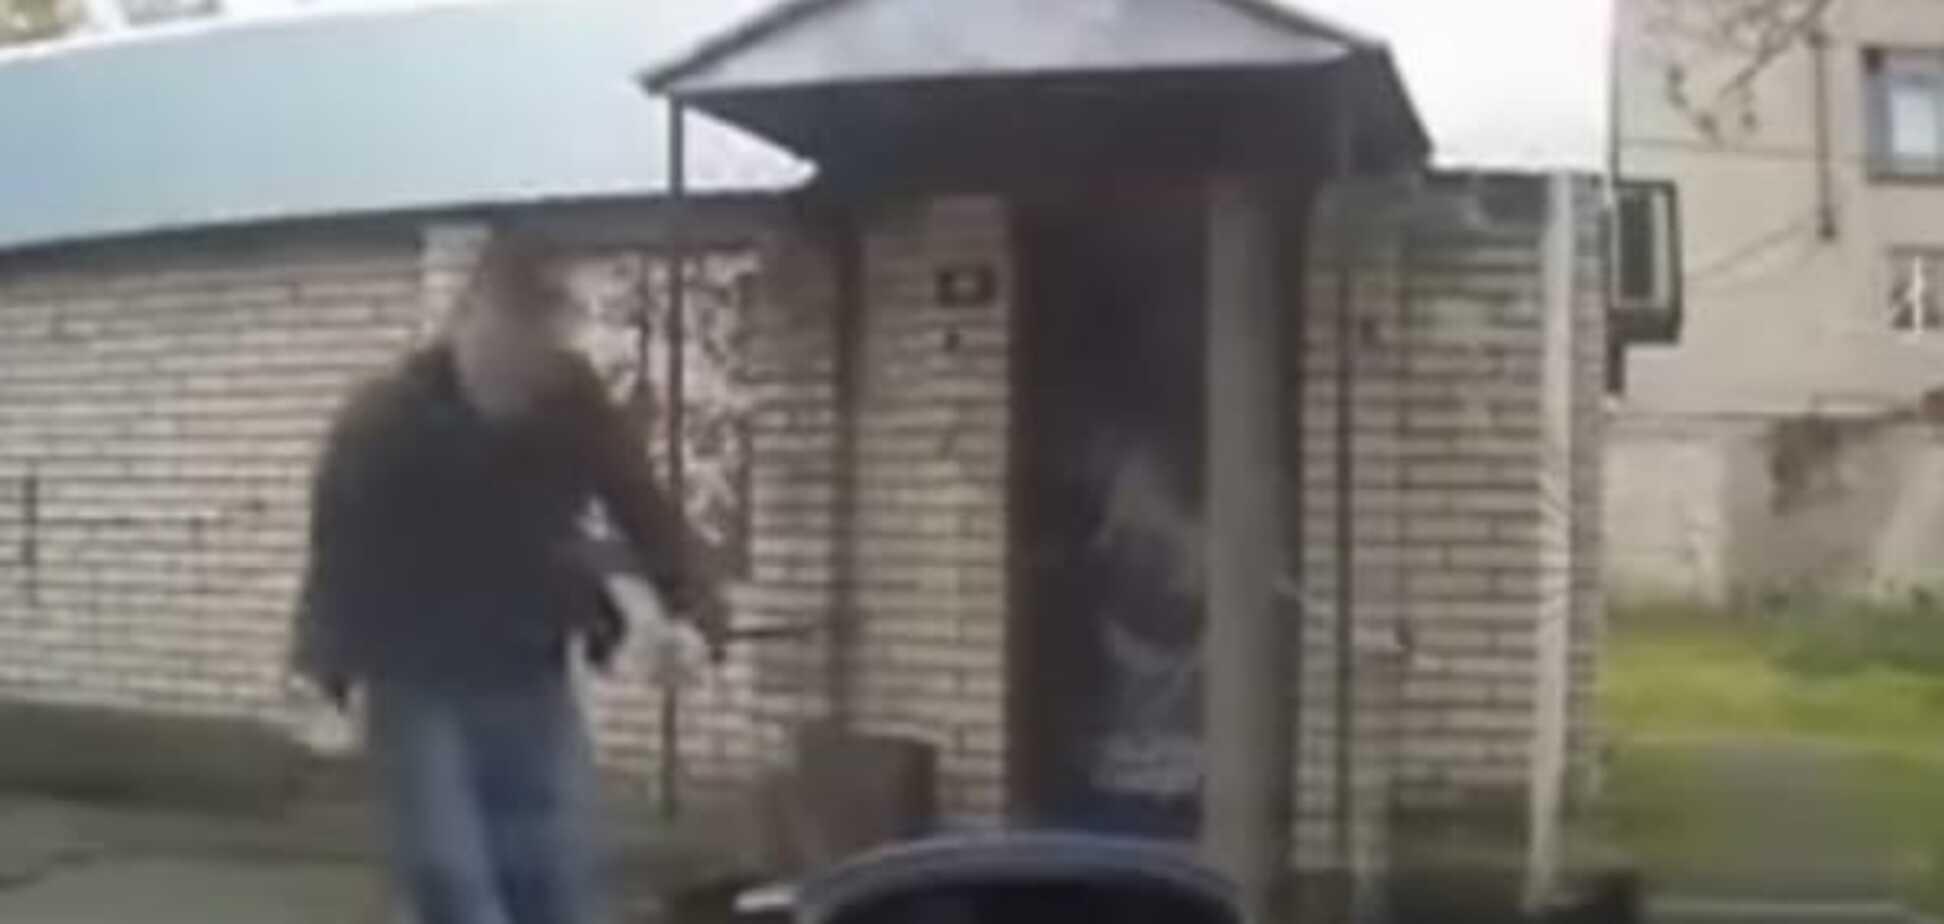 І навіть не помітили! Мережу підкорює ролик, на якому людину збила зграя собак: відеофакт